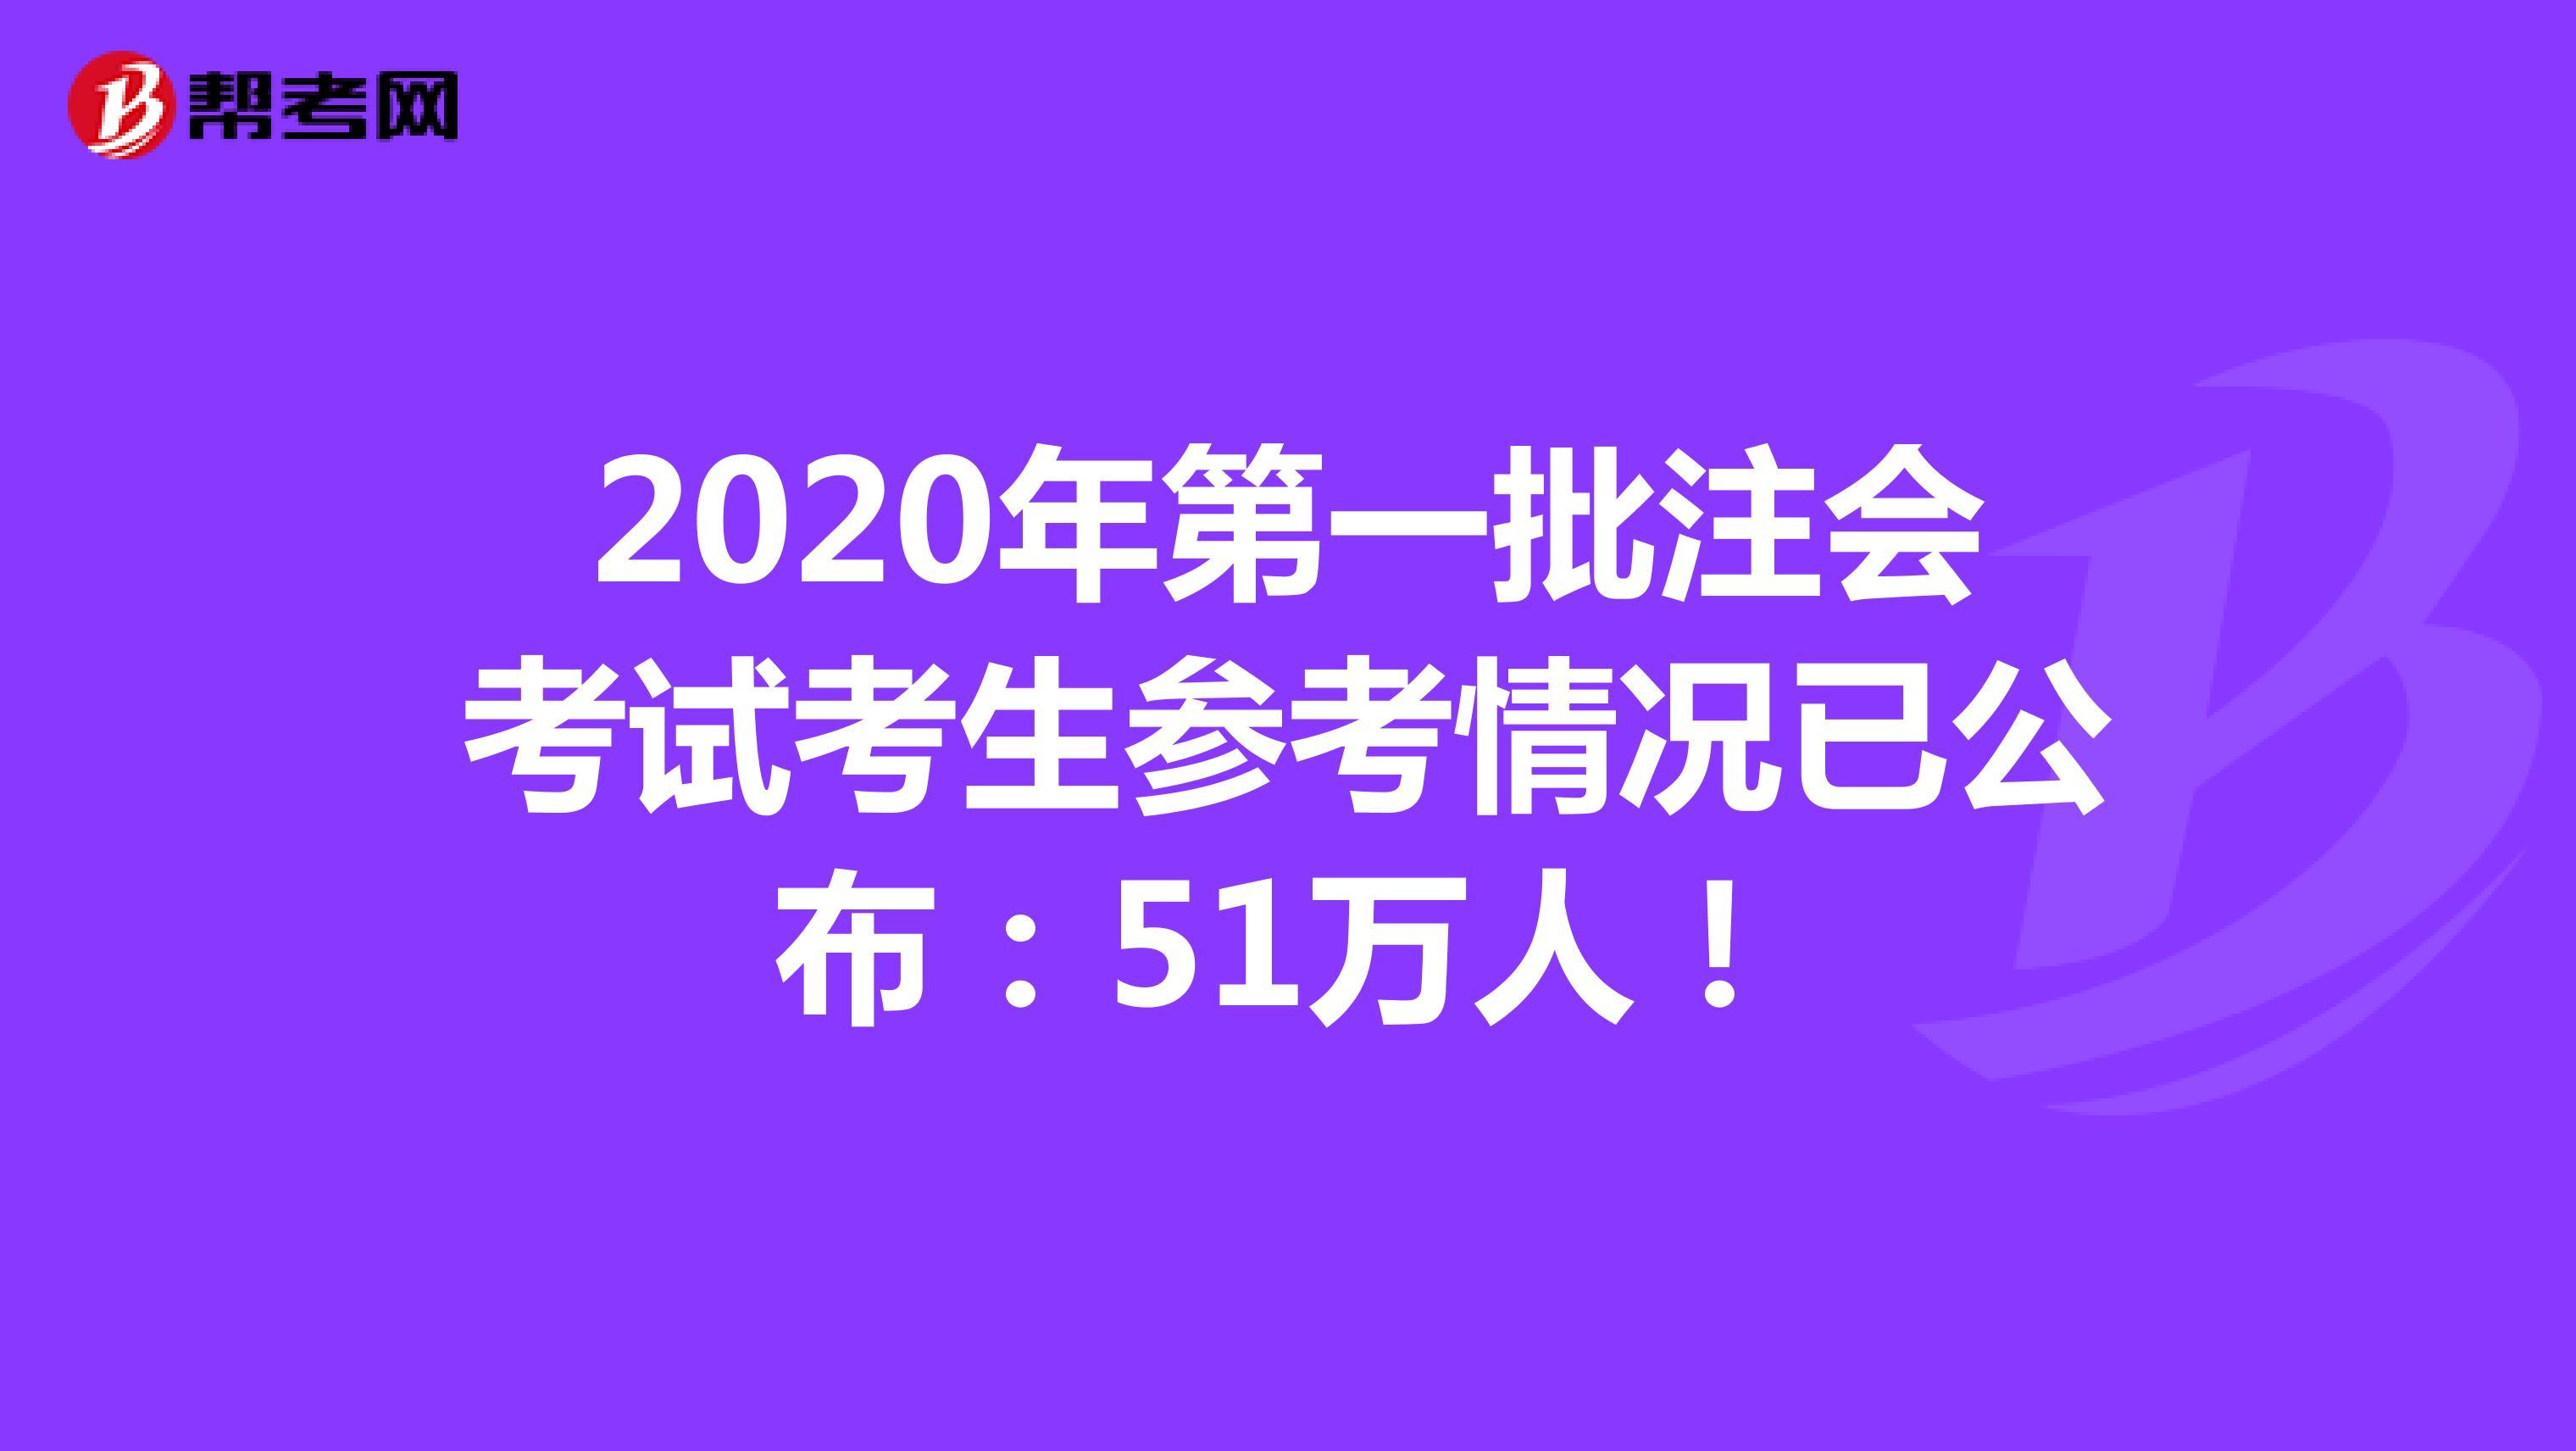 2020年第一批注会考试考生参考情况已公布:51万人!